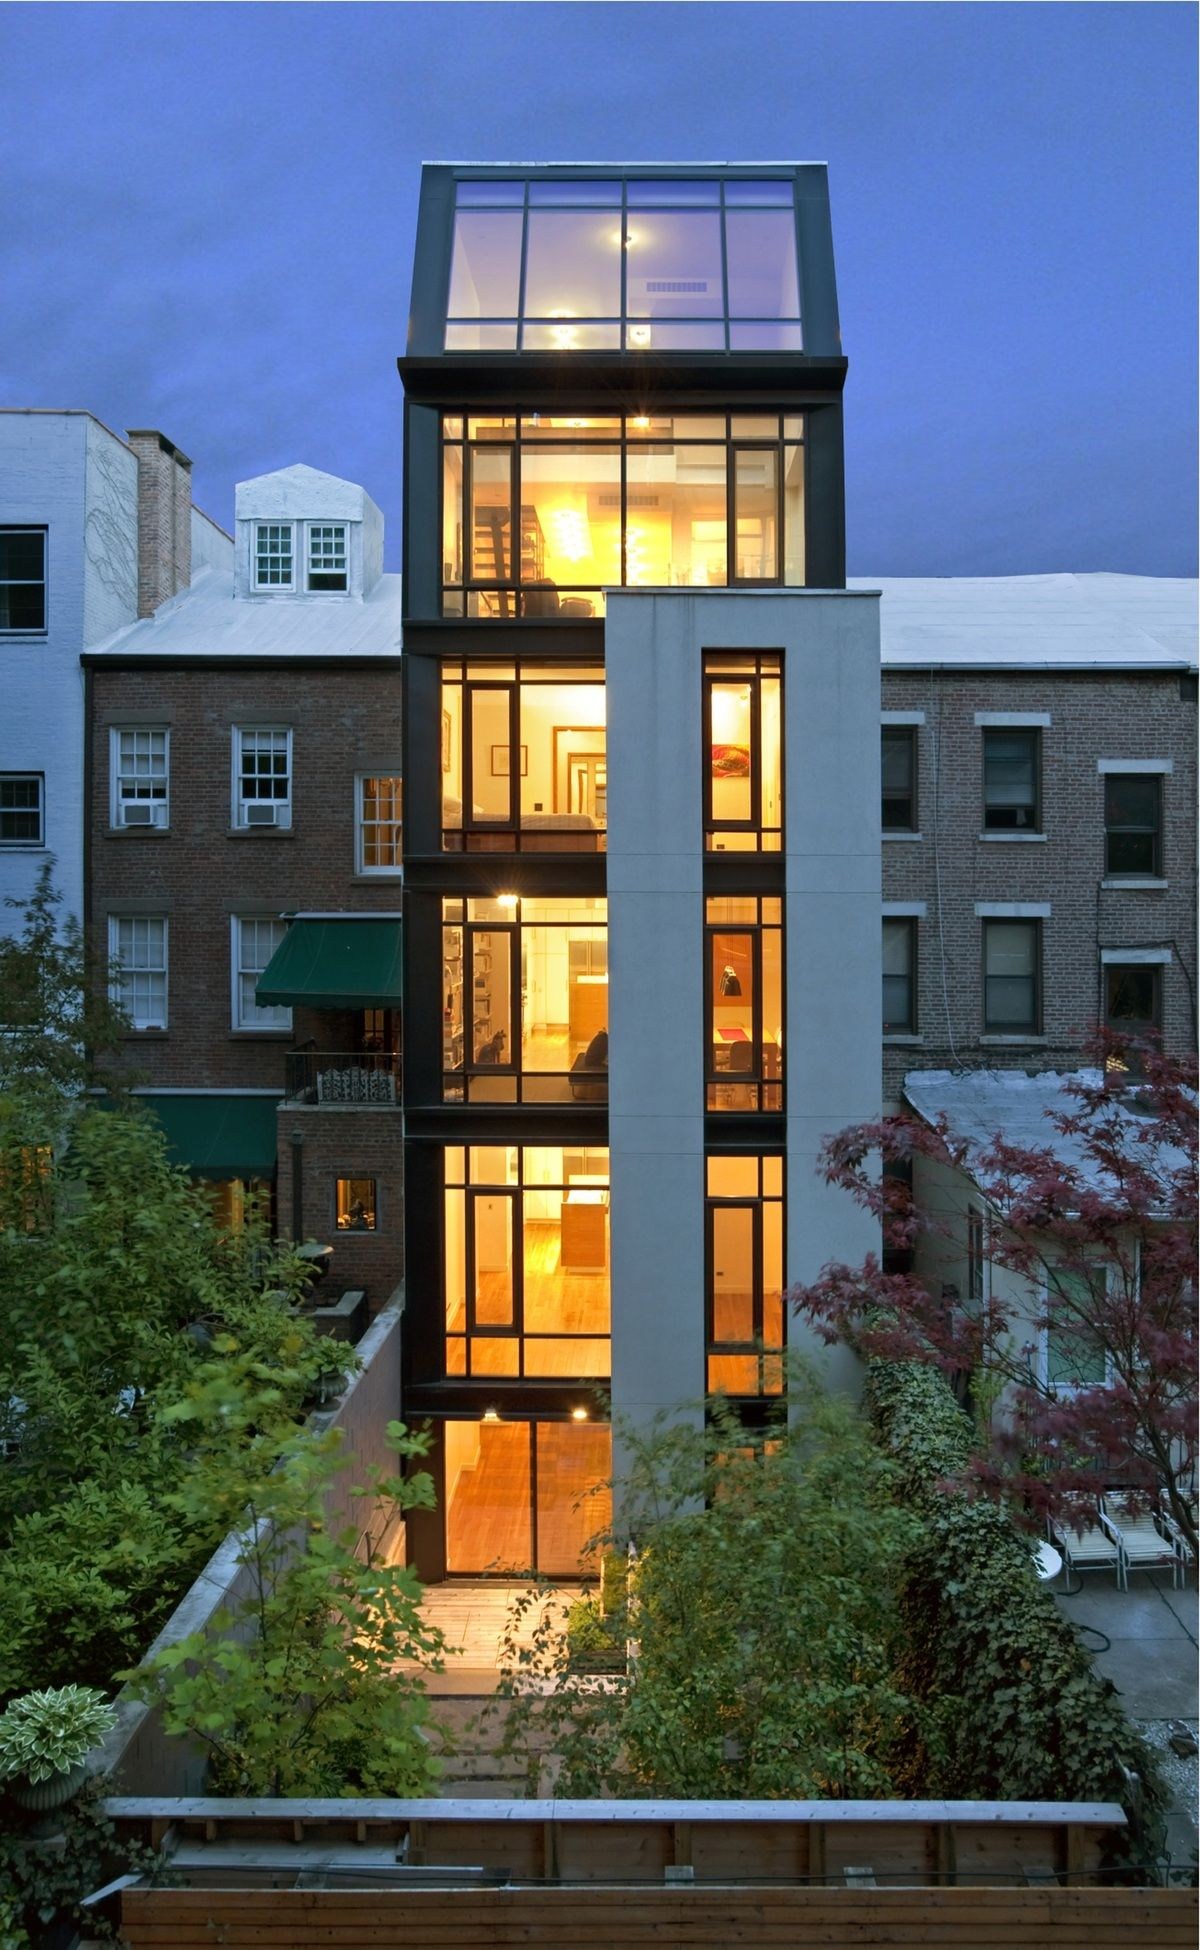 15th street townhouse architektur schmale h user und reihenhaus. Black Bedroom Furniture Sets. Home Design Ideas